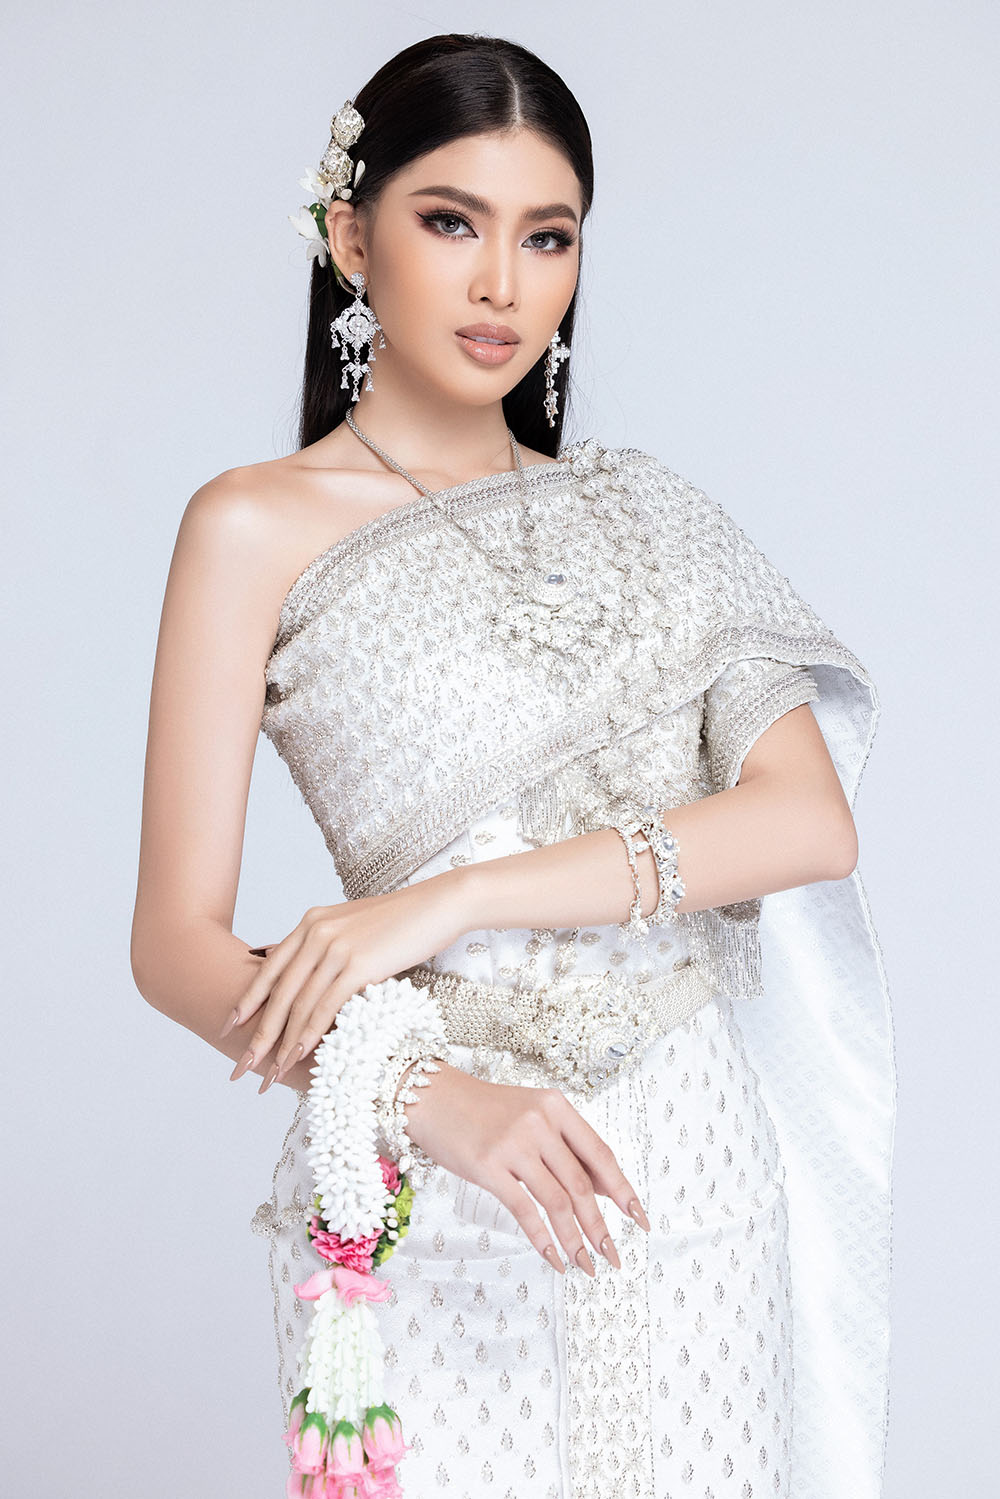 Sau khi bị hack instagram, Ngọc Thảo tung bộ ảnh đẹp 'đỉnh cao' khi mặc quốc phục Thái Lan ảnh 5